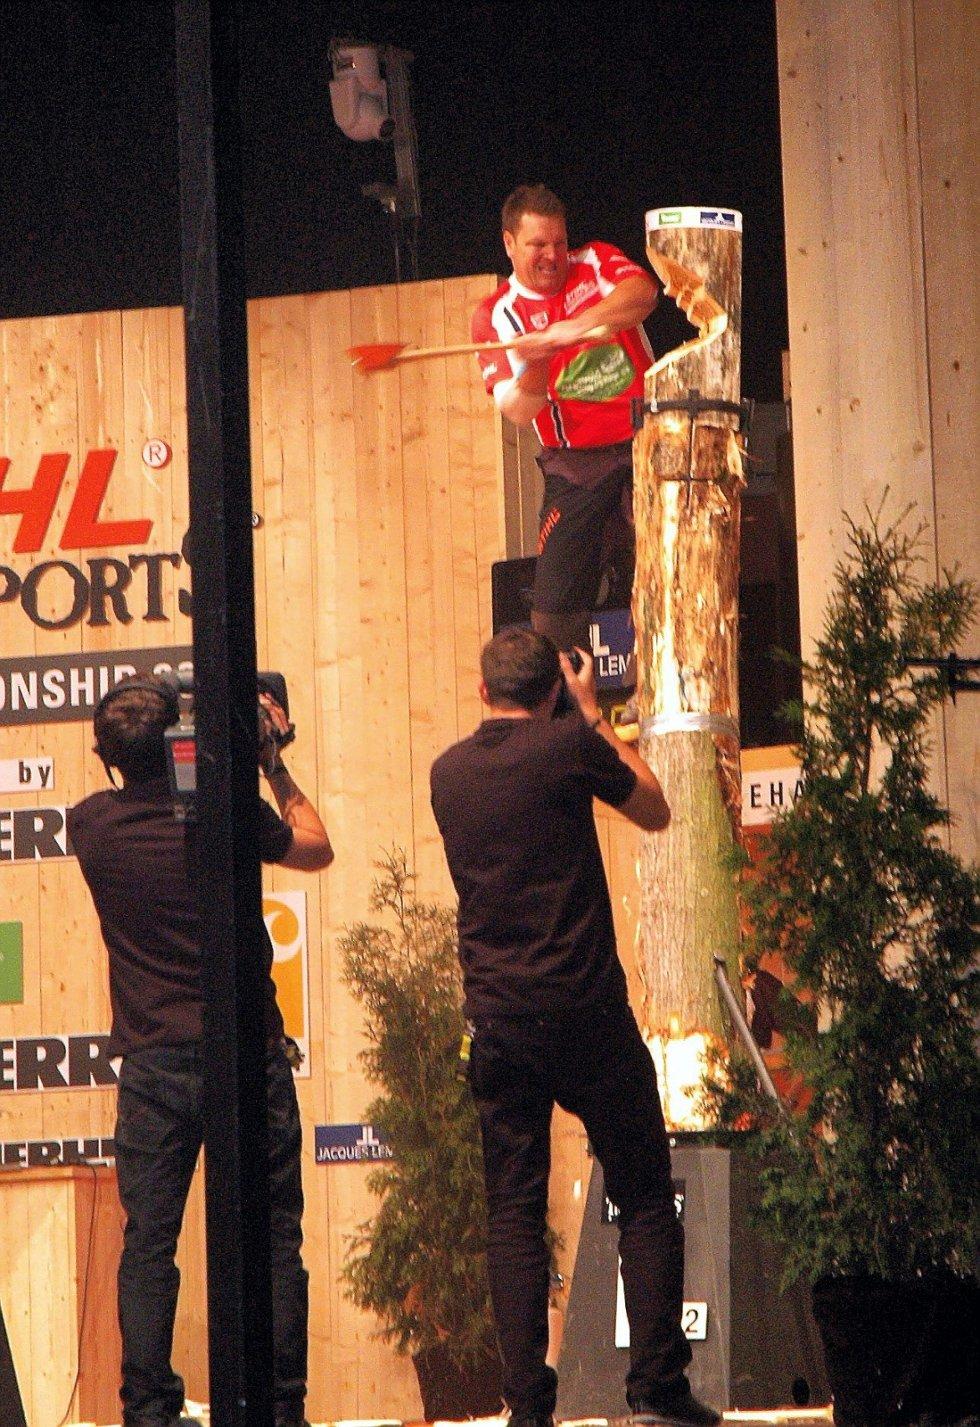 PÅ HÆLA I VM: Ole Ivar Lierhagen hogg med fortvilelsens kraft med en arm som var så vond at den burde ligget igjen hjemme.